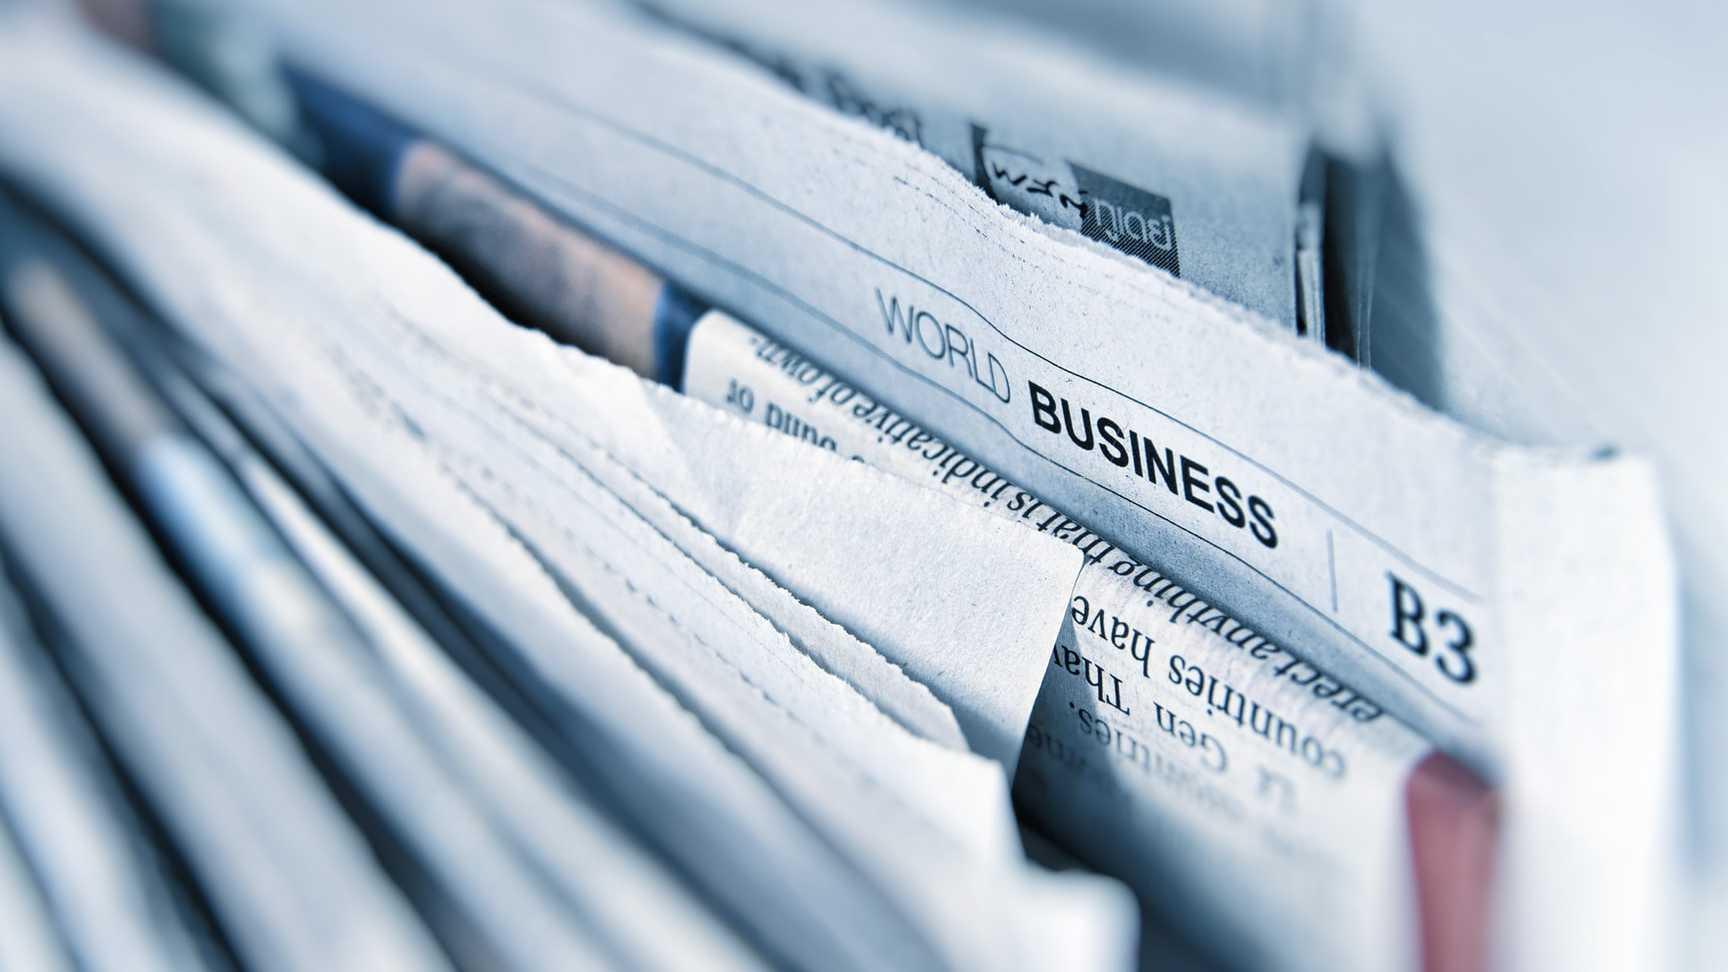 Giornale economico